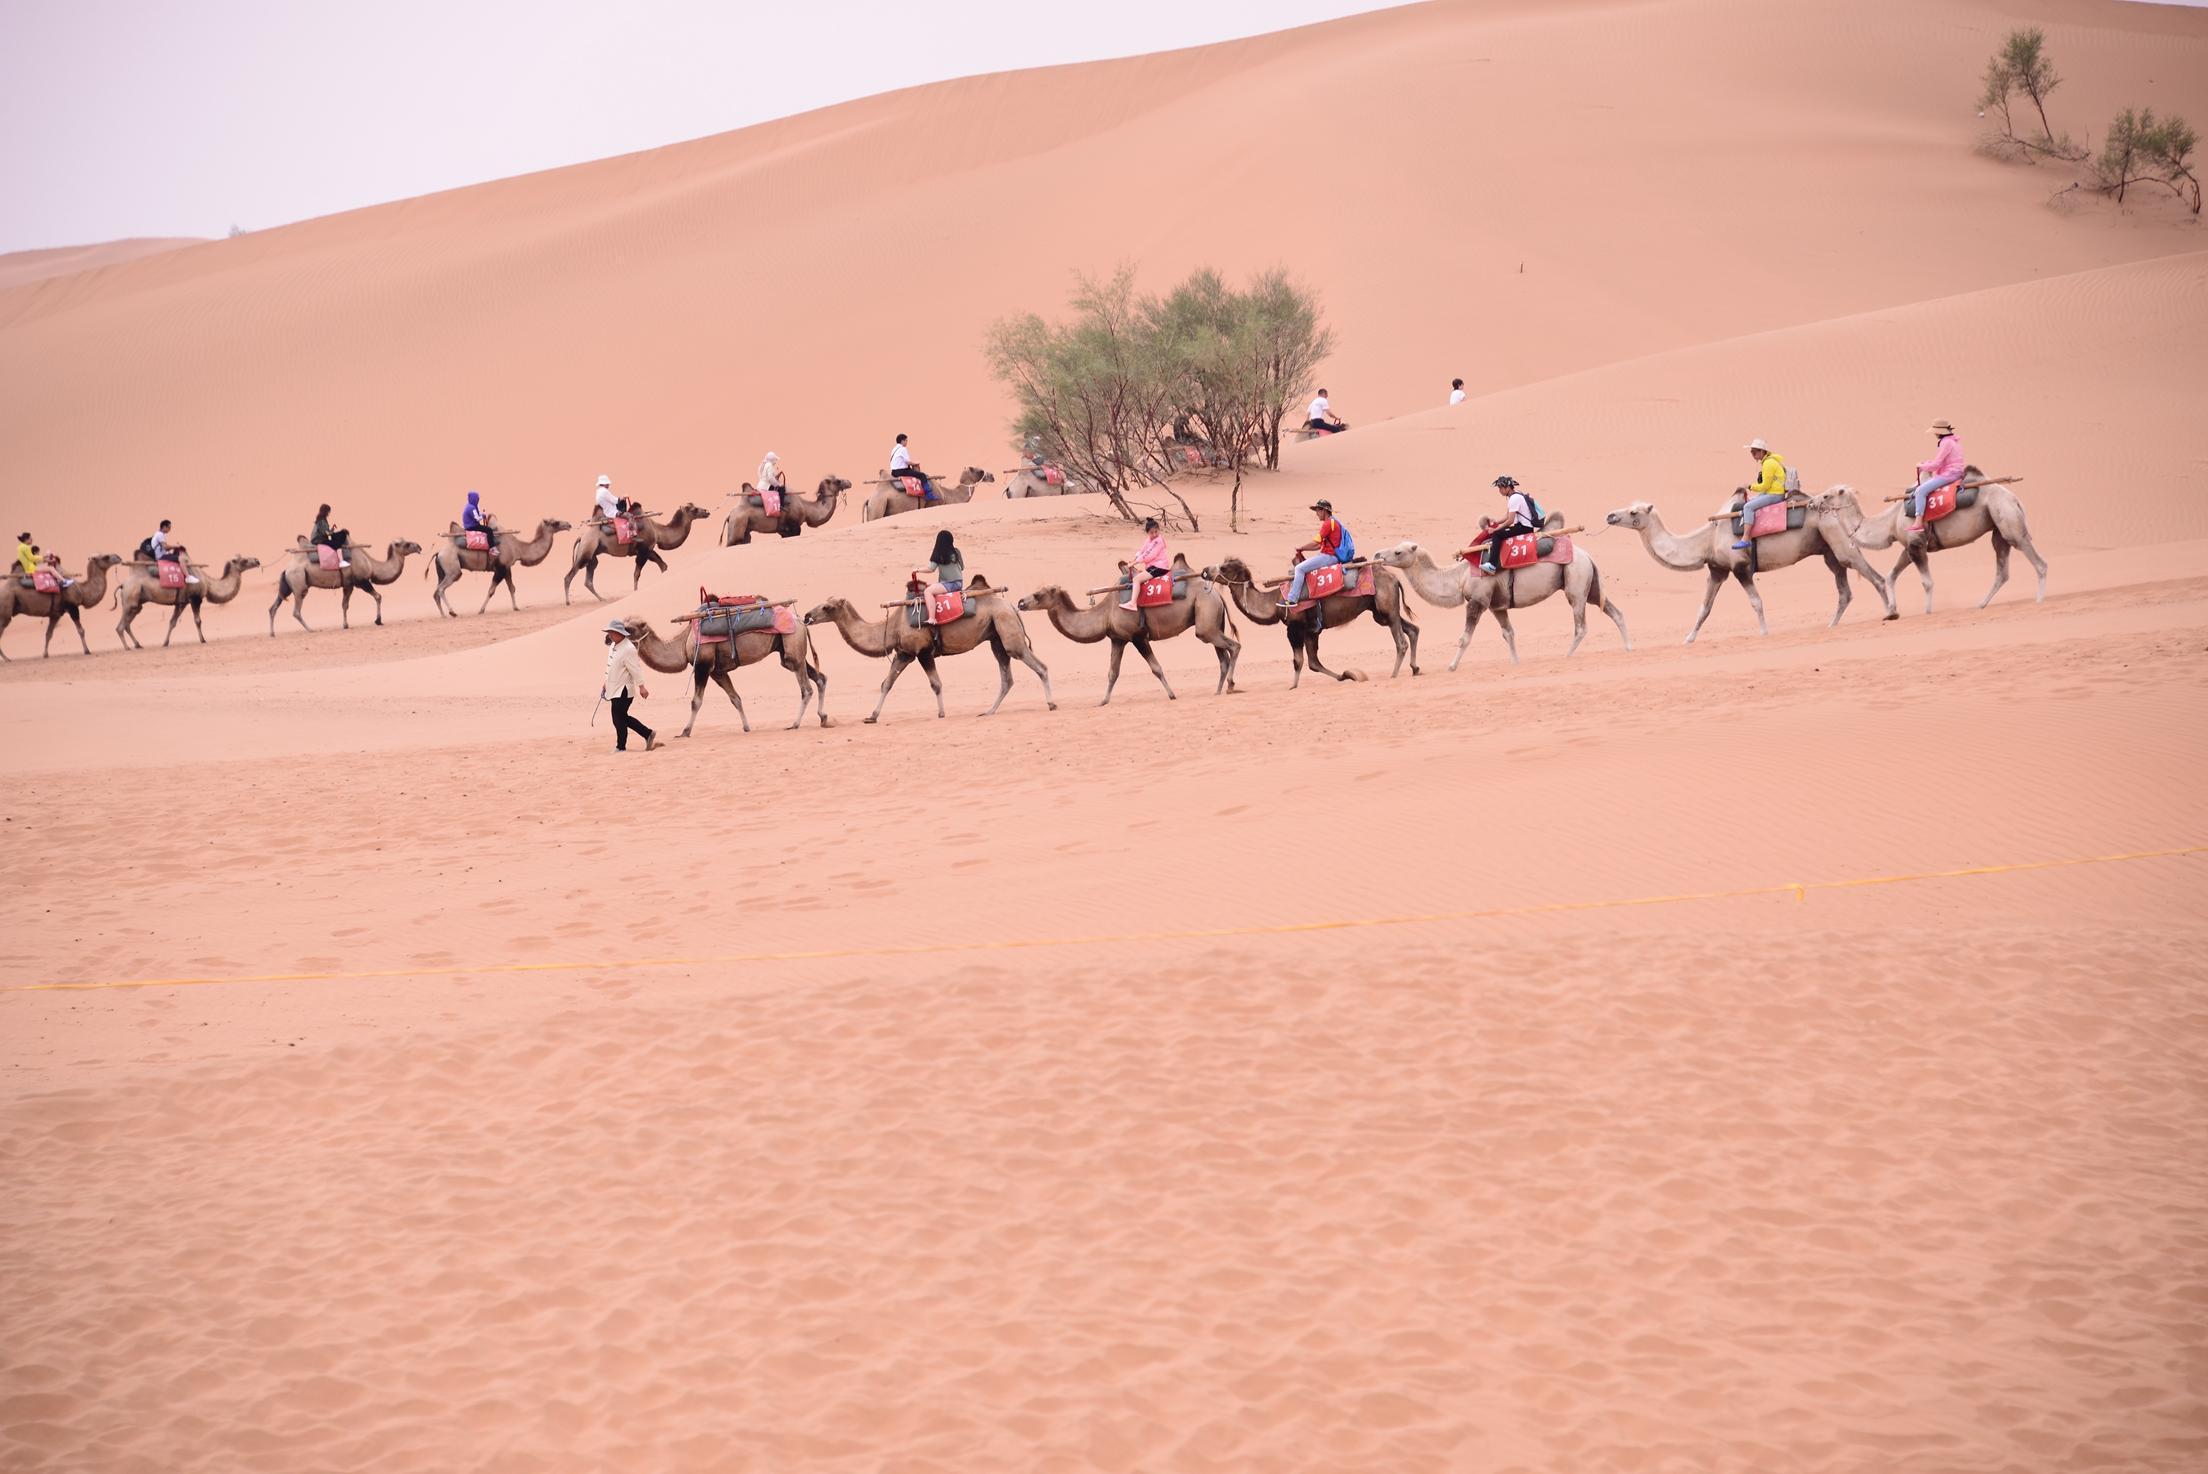 远远地,驼队承载着游客穿梭沙漠,视觉粗犷唯美.图片